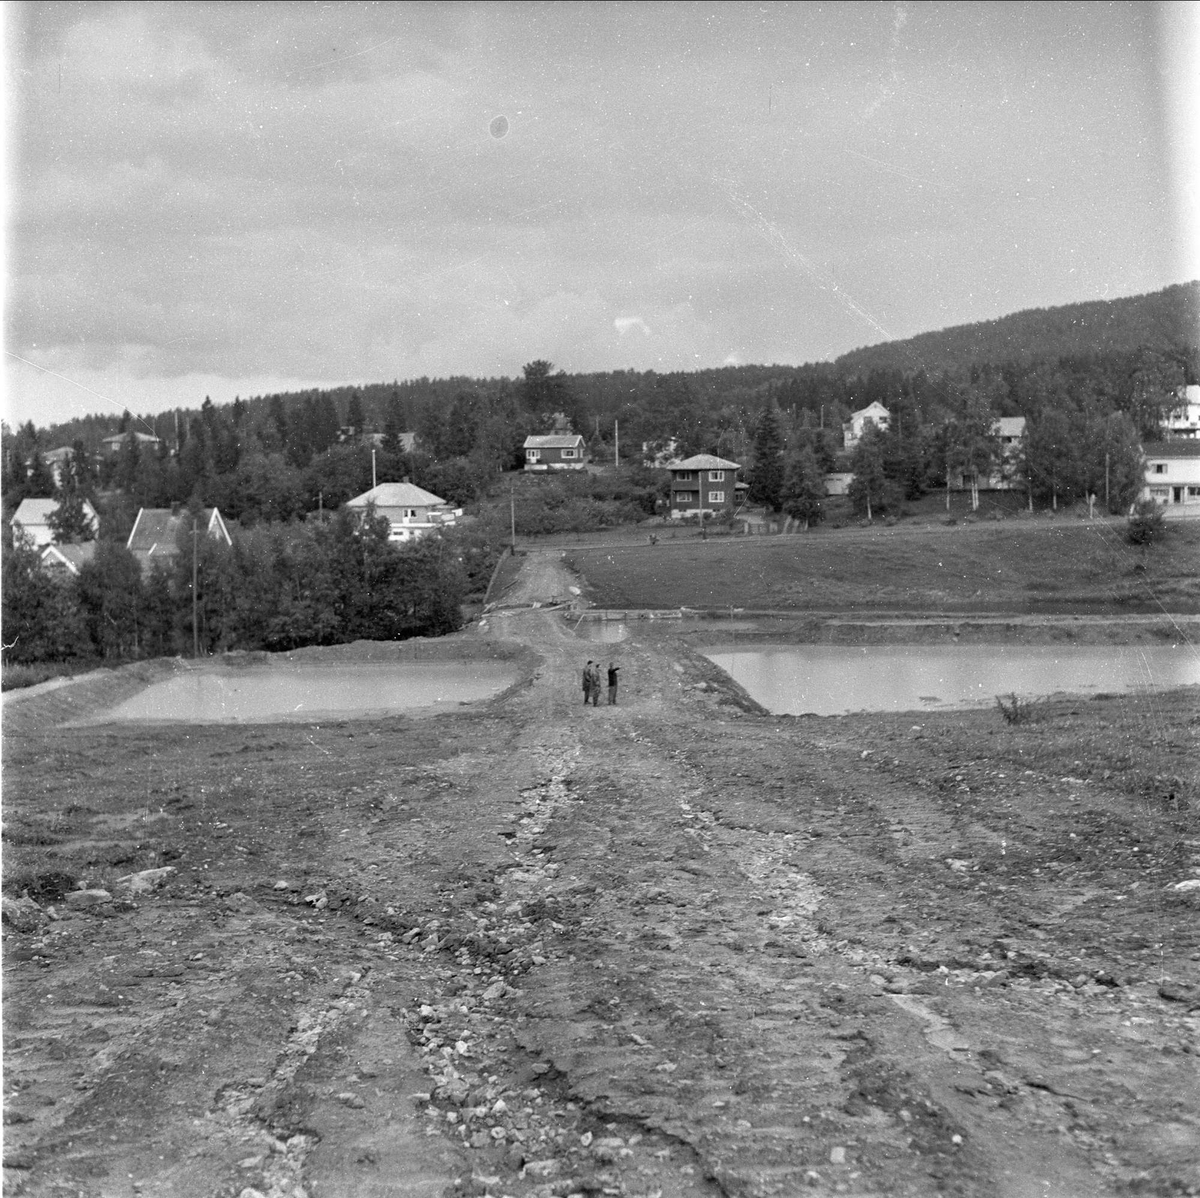 Ørretdammene i Lier, oppdrettsfisk, Buskerud, 01.08.1958